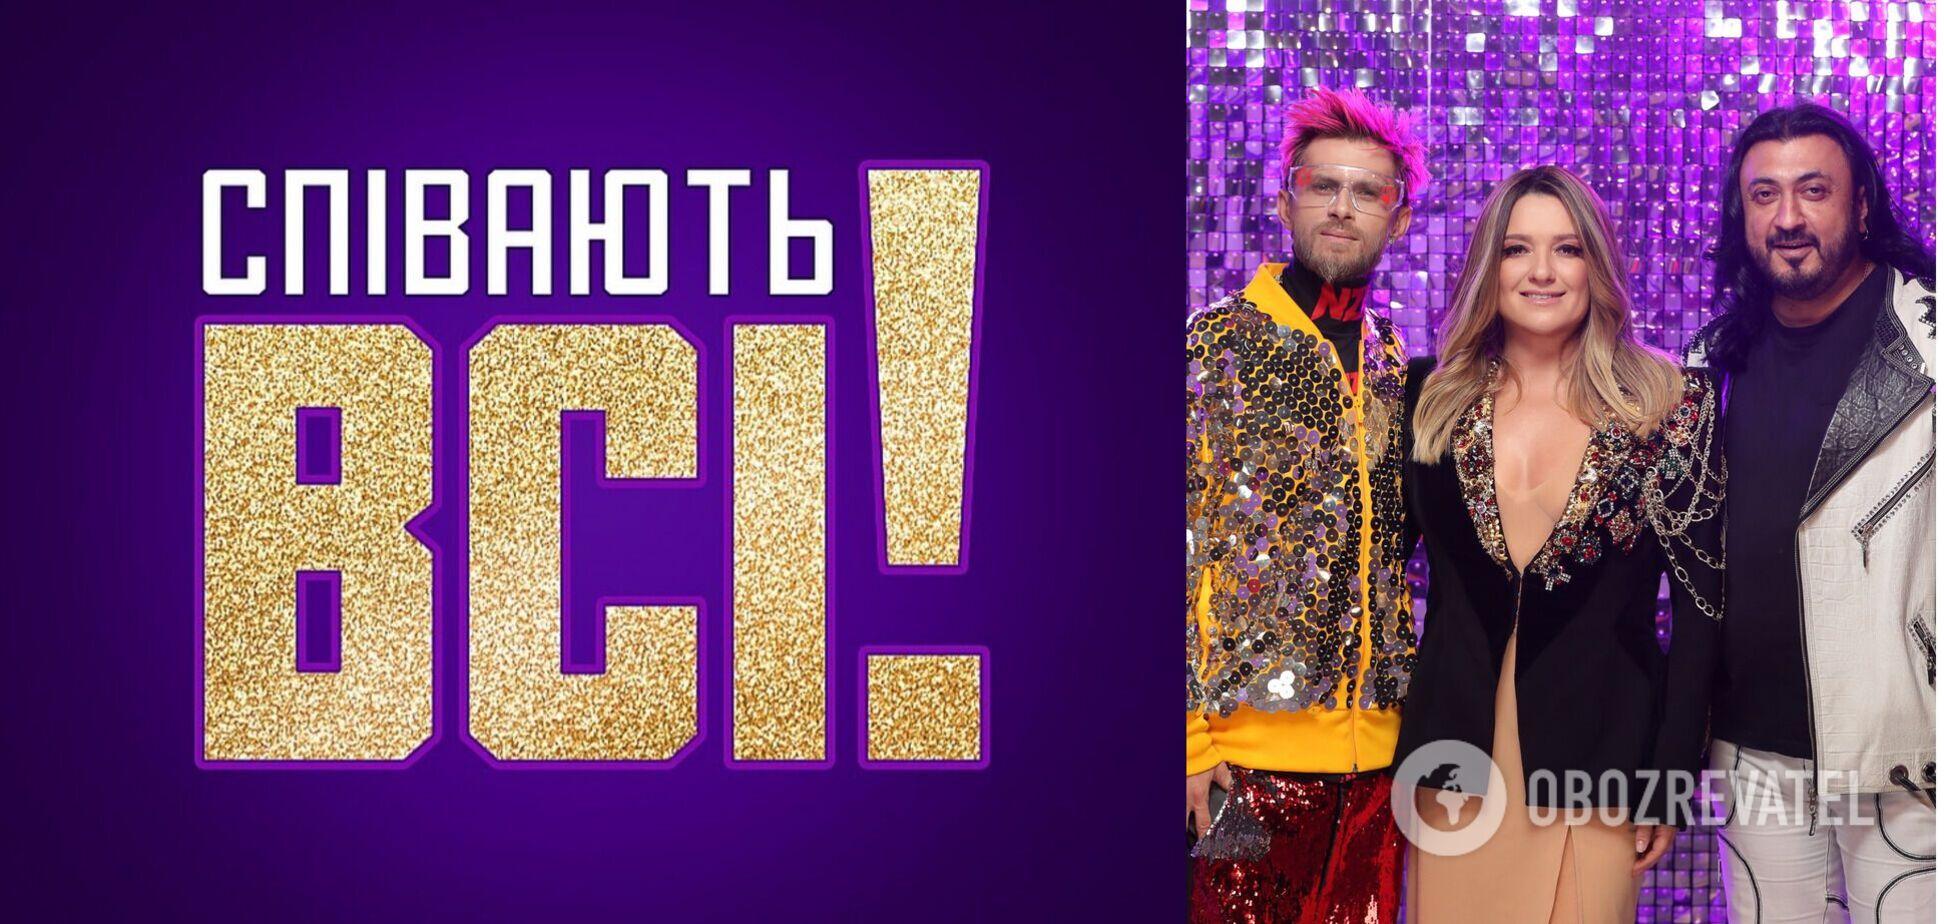 Неожиданный гость на шоу 'Співають всі' заставил Могилевскую надеть фату